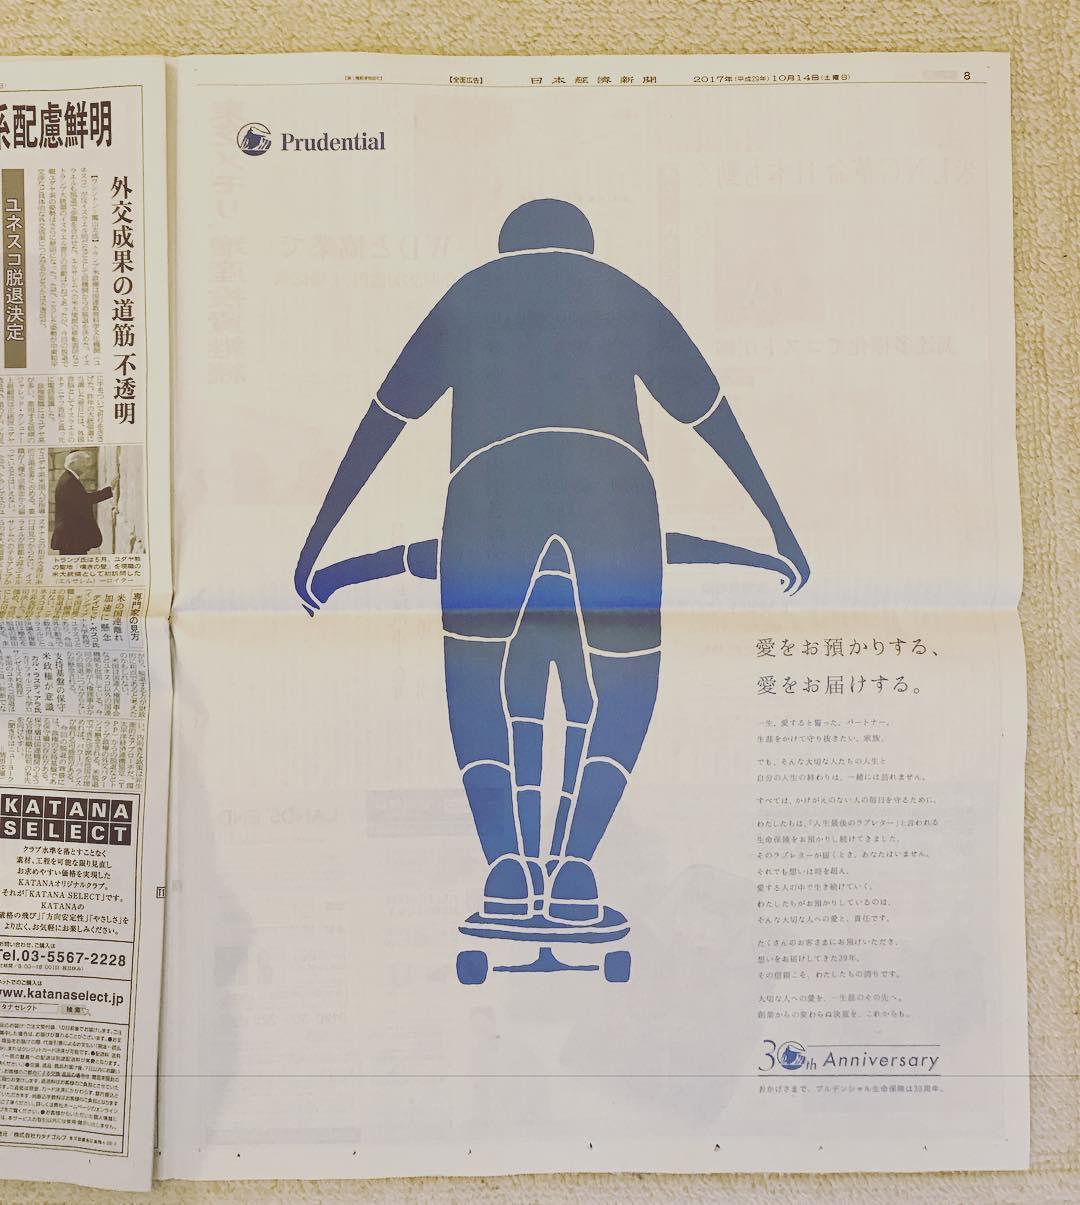 Geoff McFetridge イラスト広告をプロデュース。 本日、日経に掲載されています。